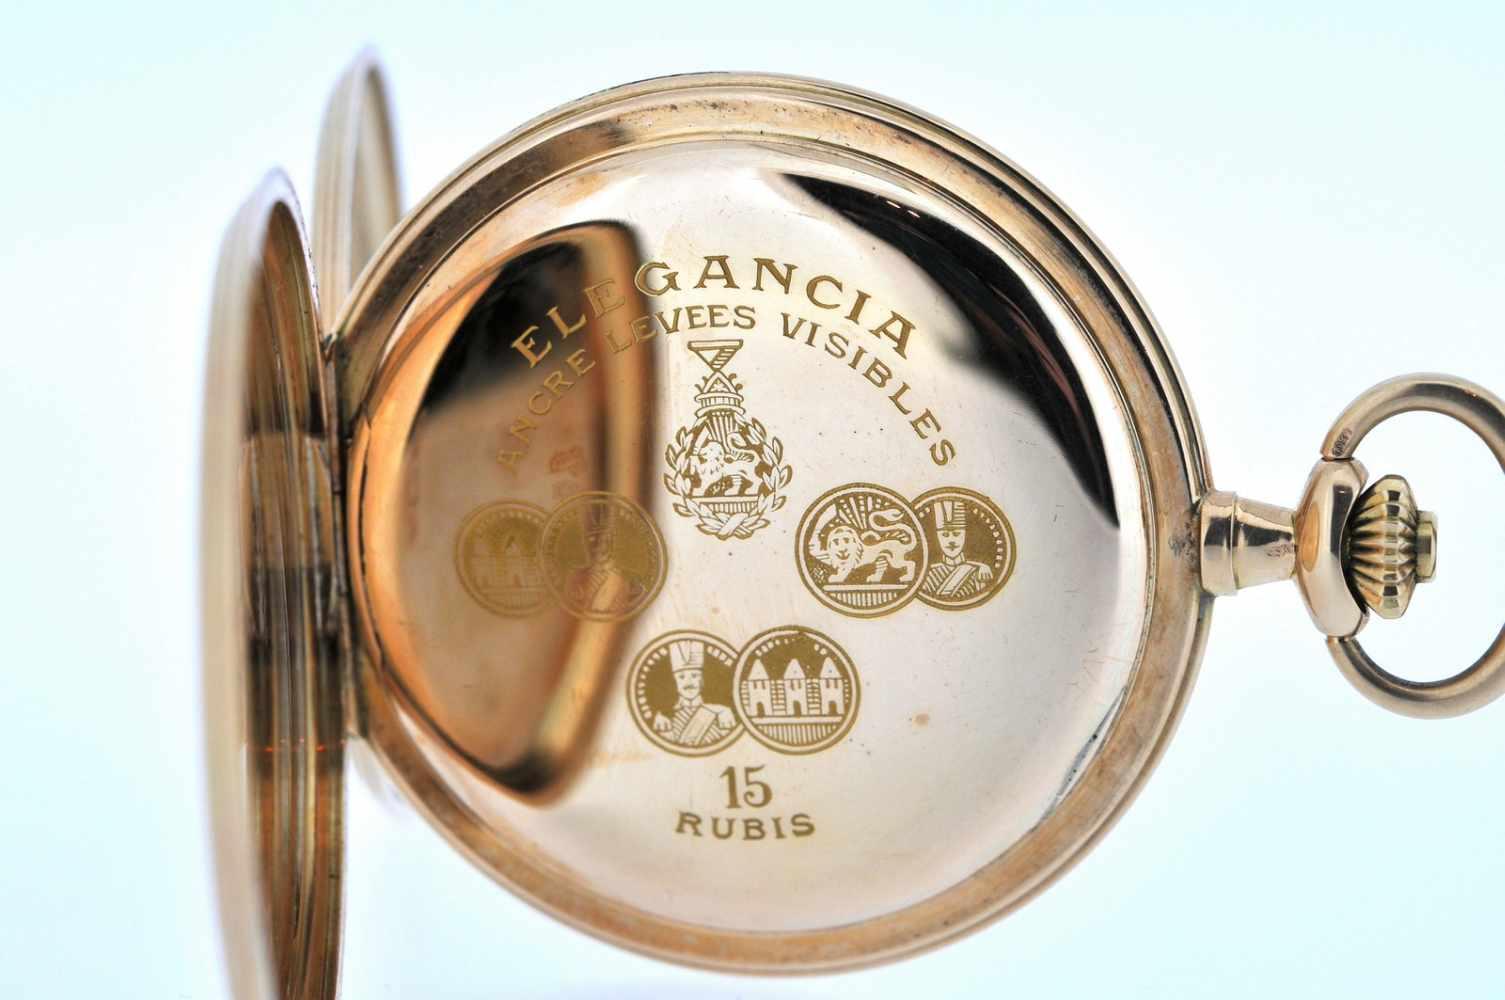 Goldene Herrentaschenuhr Goldene Herrentaschenuhr mit kleiner Sekunde, Elegancia, Breguetspirale, - Bild 3 aus 4